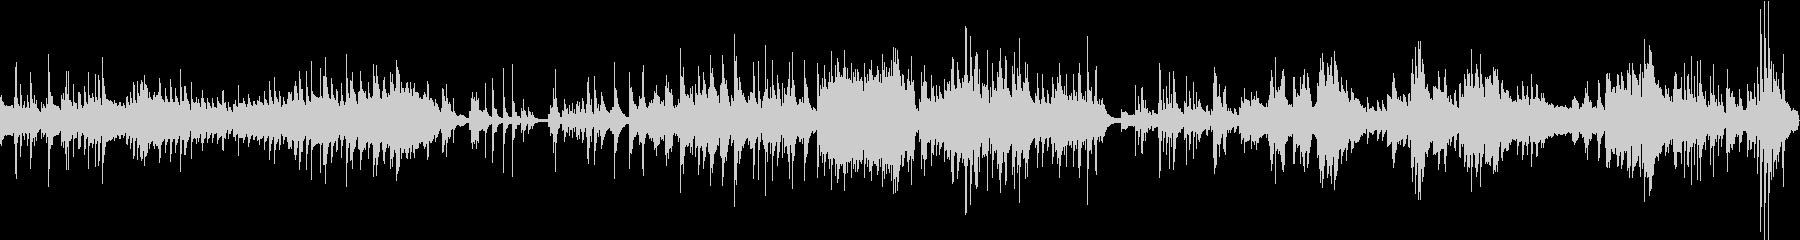 ドキュメントのような無機質即興ピア曲の未再生の波形